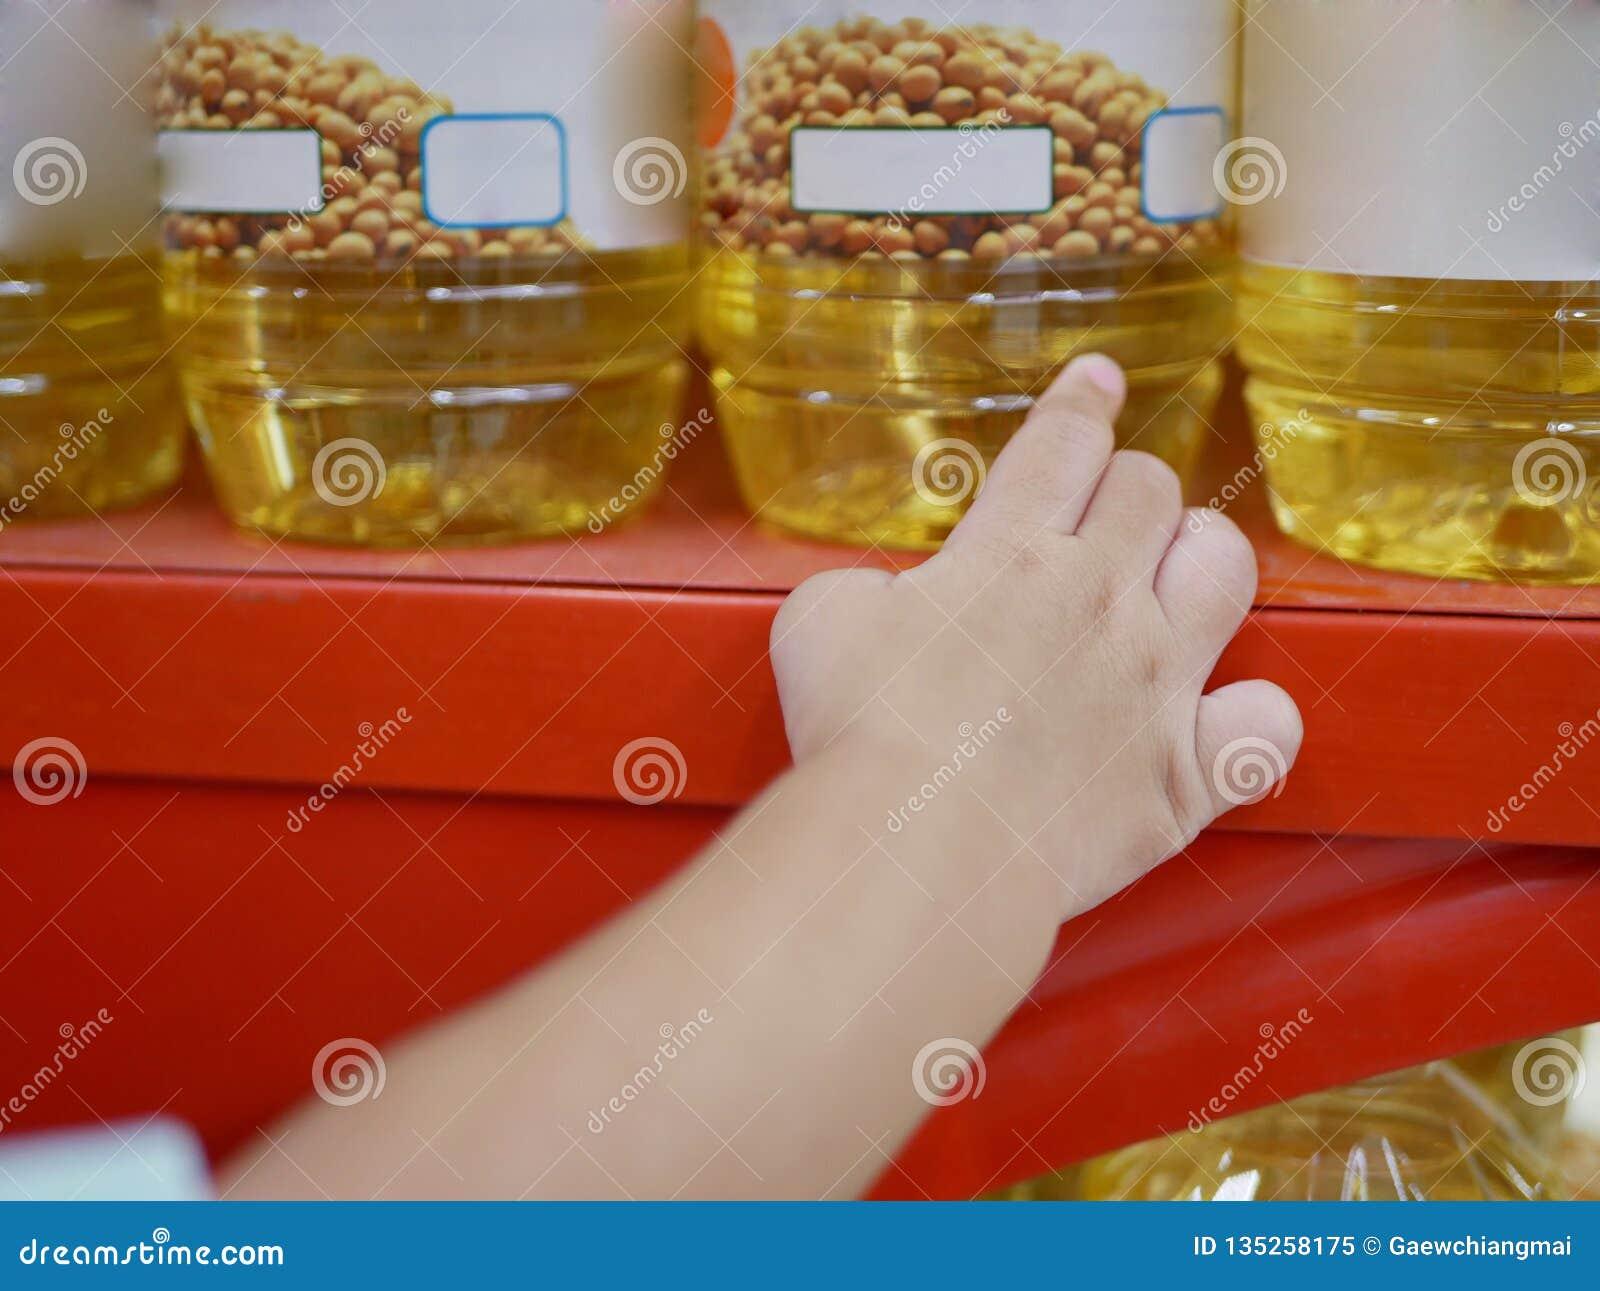 Die Hand des kleinen Babys, die eine Flasche Speiseöl auf nimmt beiseite zu legen